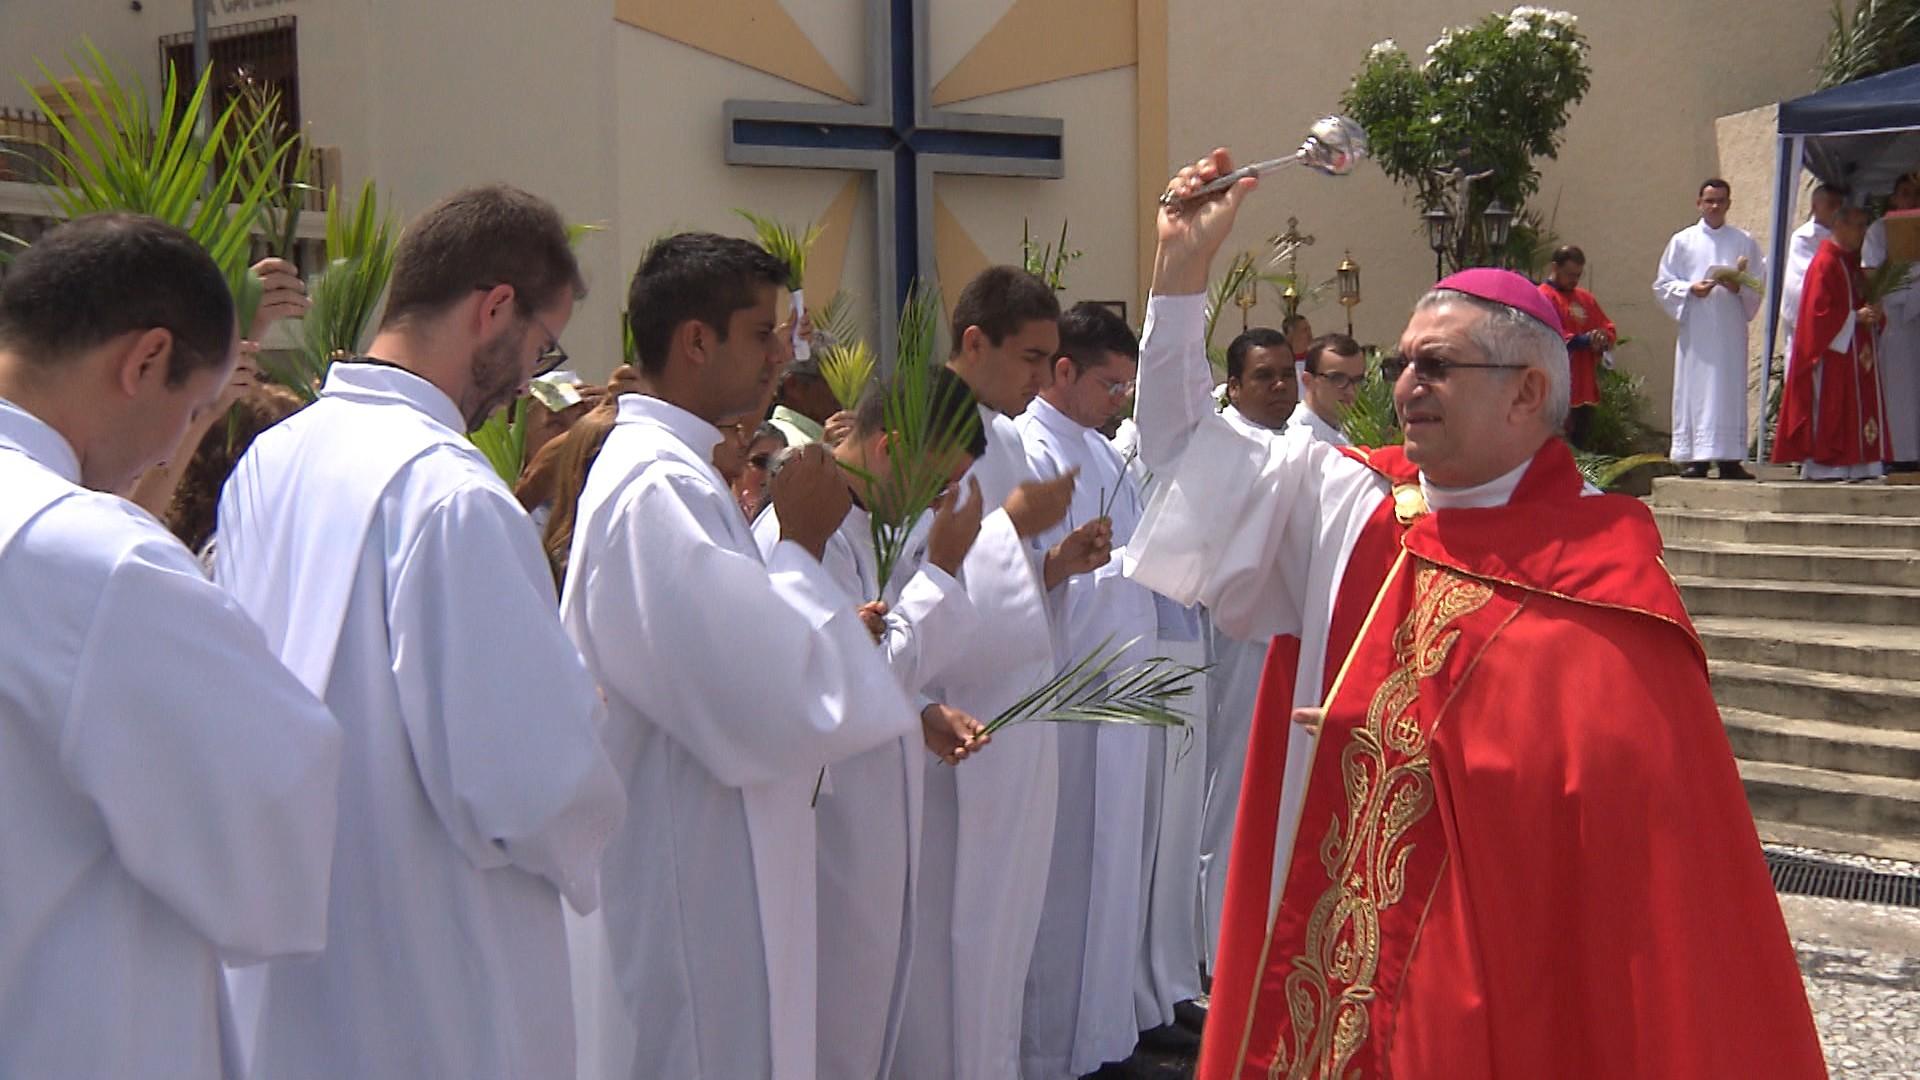 Missas da Semana Santa serão celebradas sem participação do público, em municípios da PB